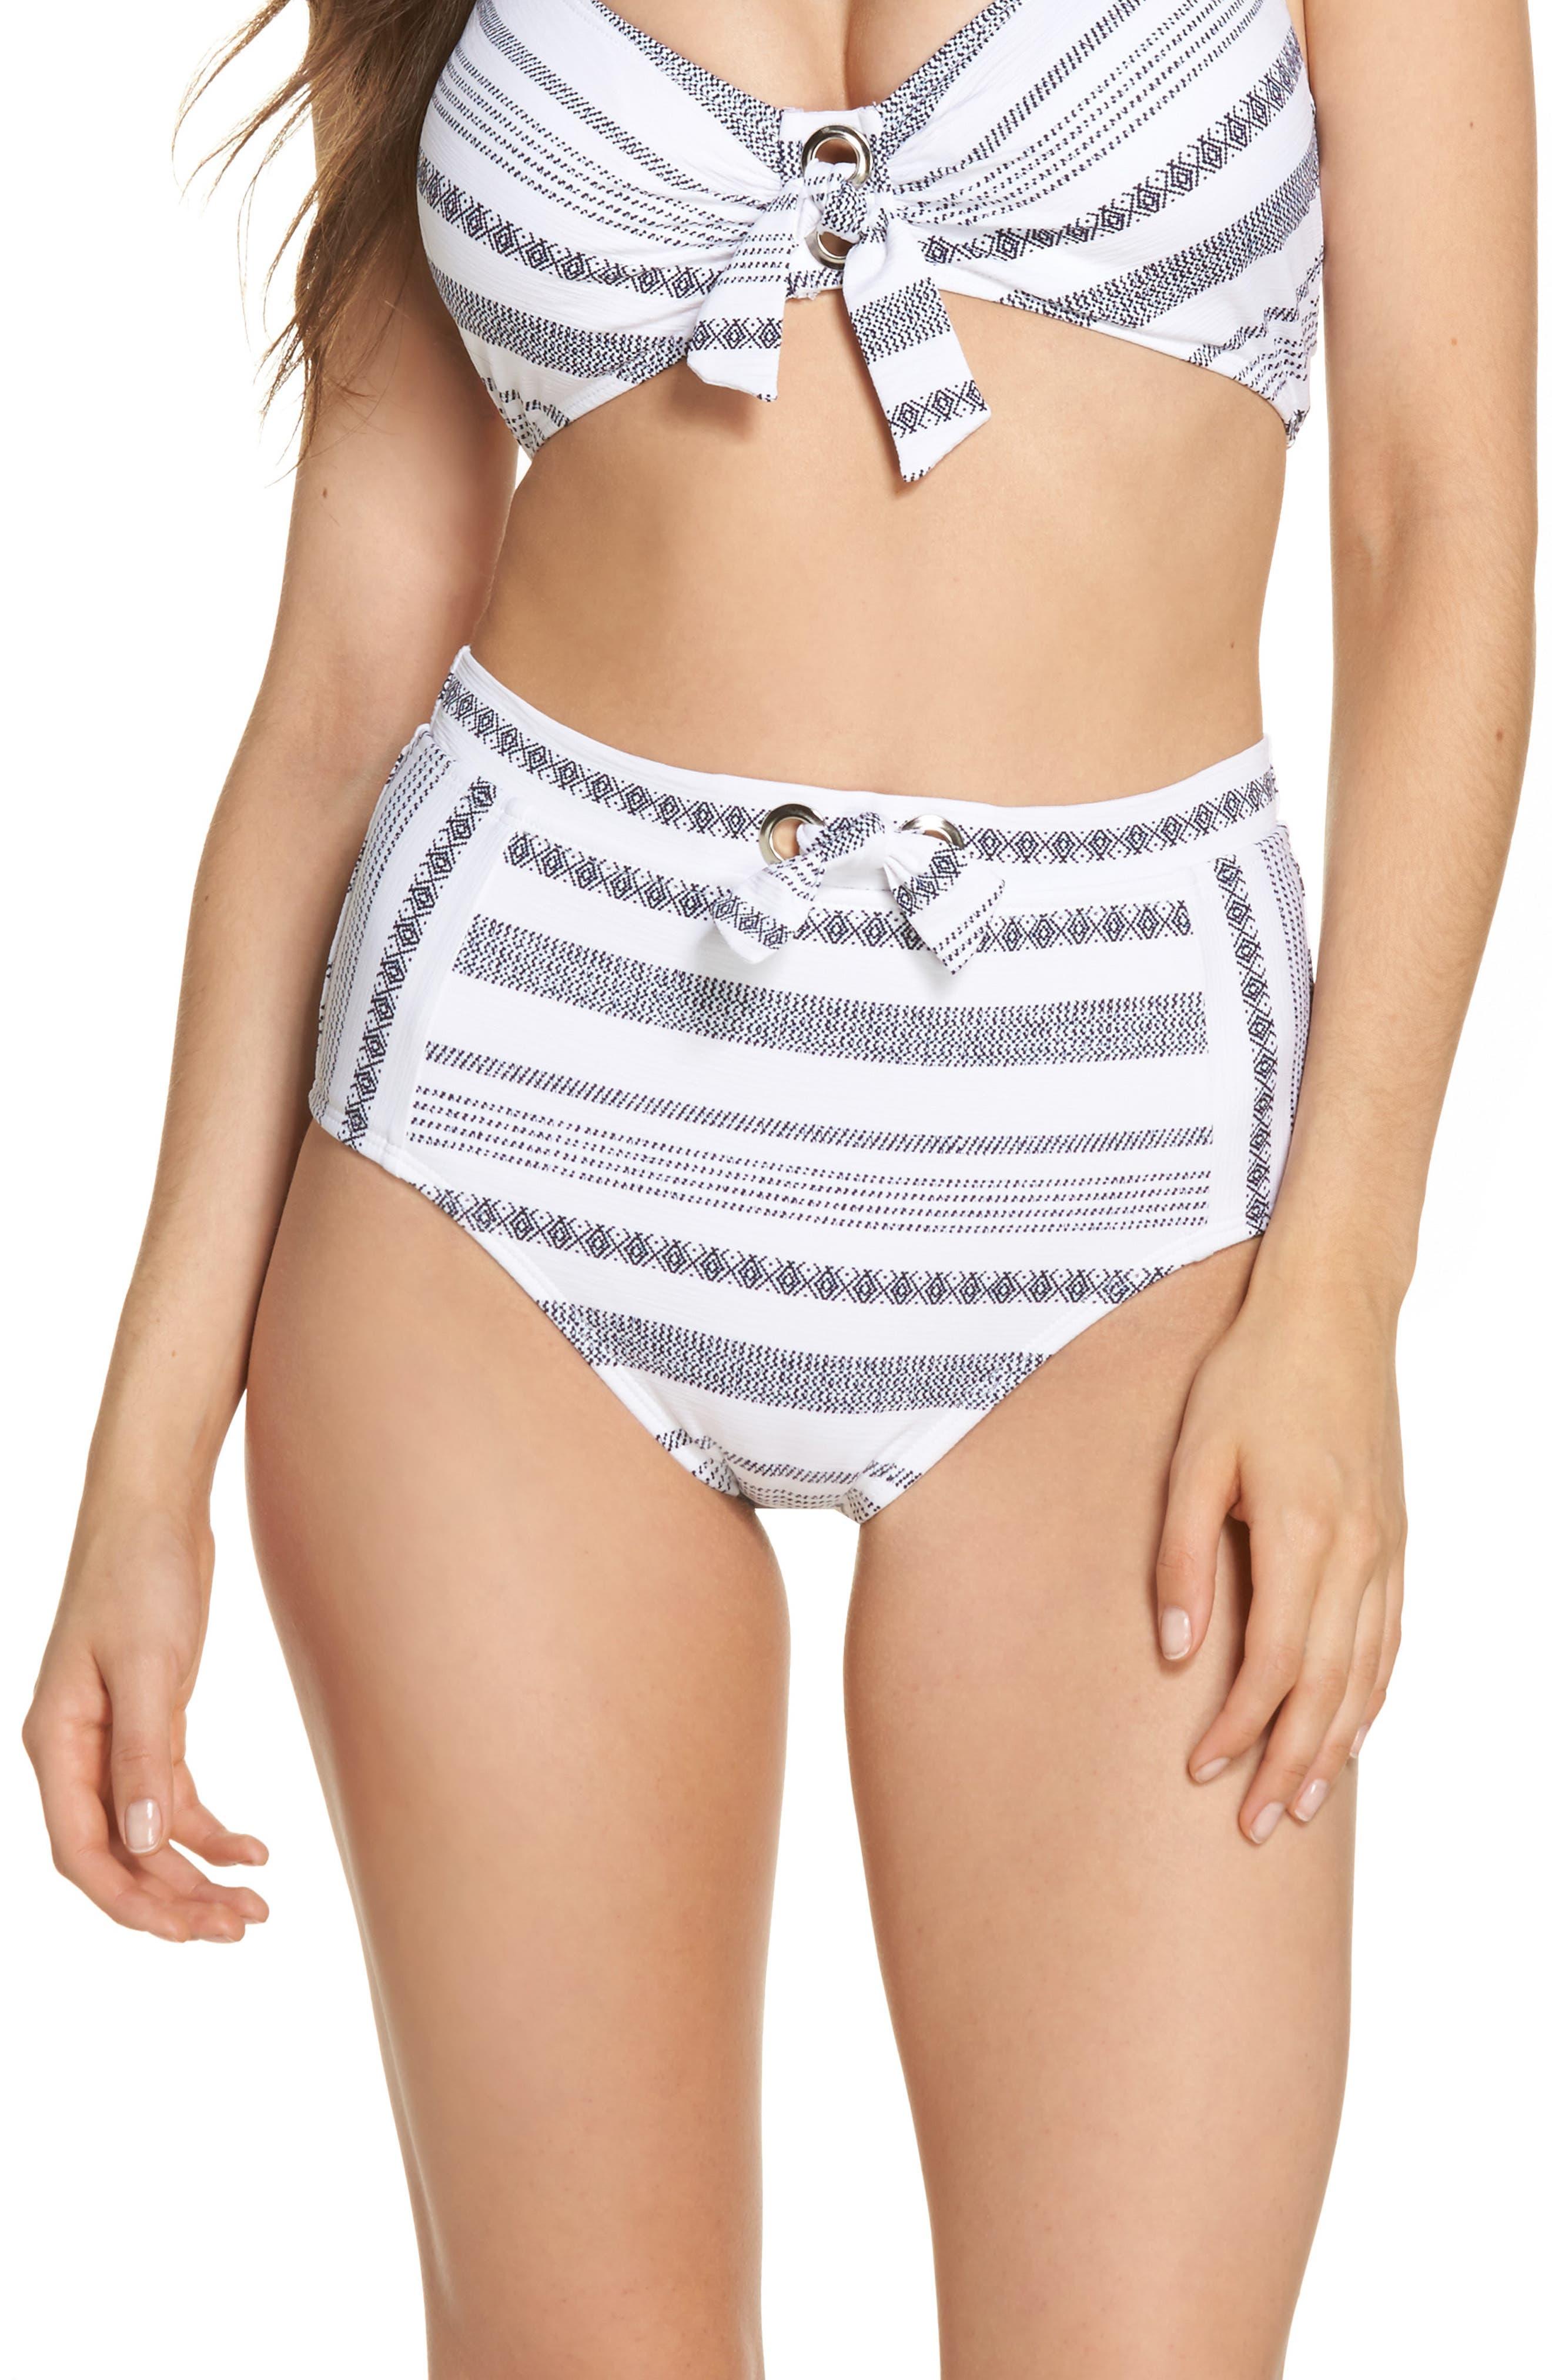 Sand Bar High Waist Bikini Bottoms,                             Main thumbnail 1, color,                             100